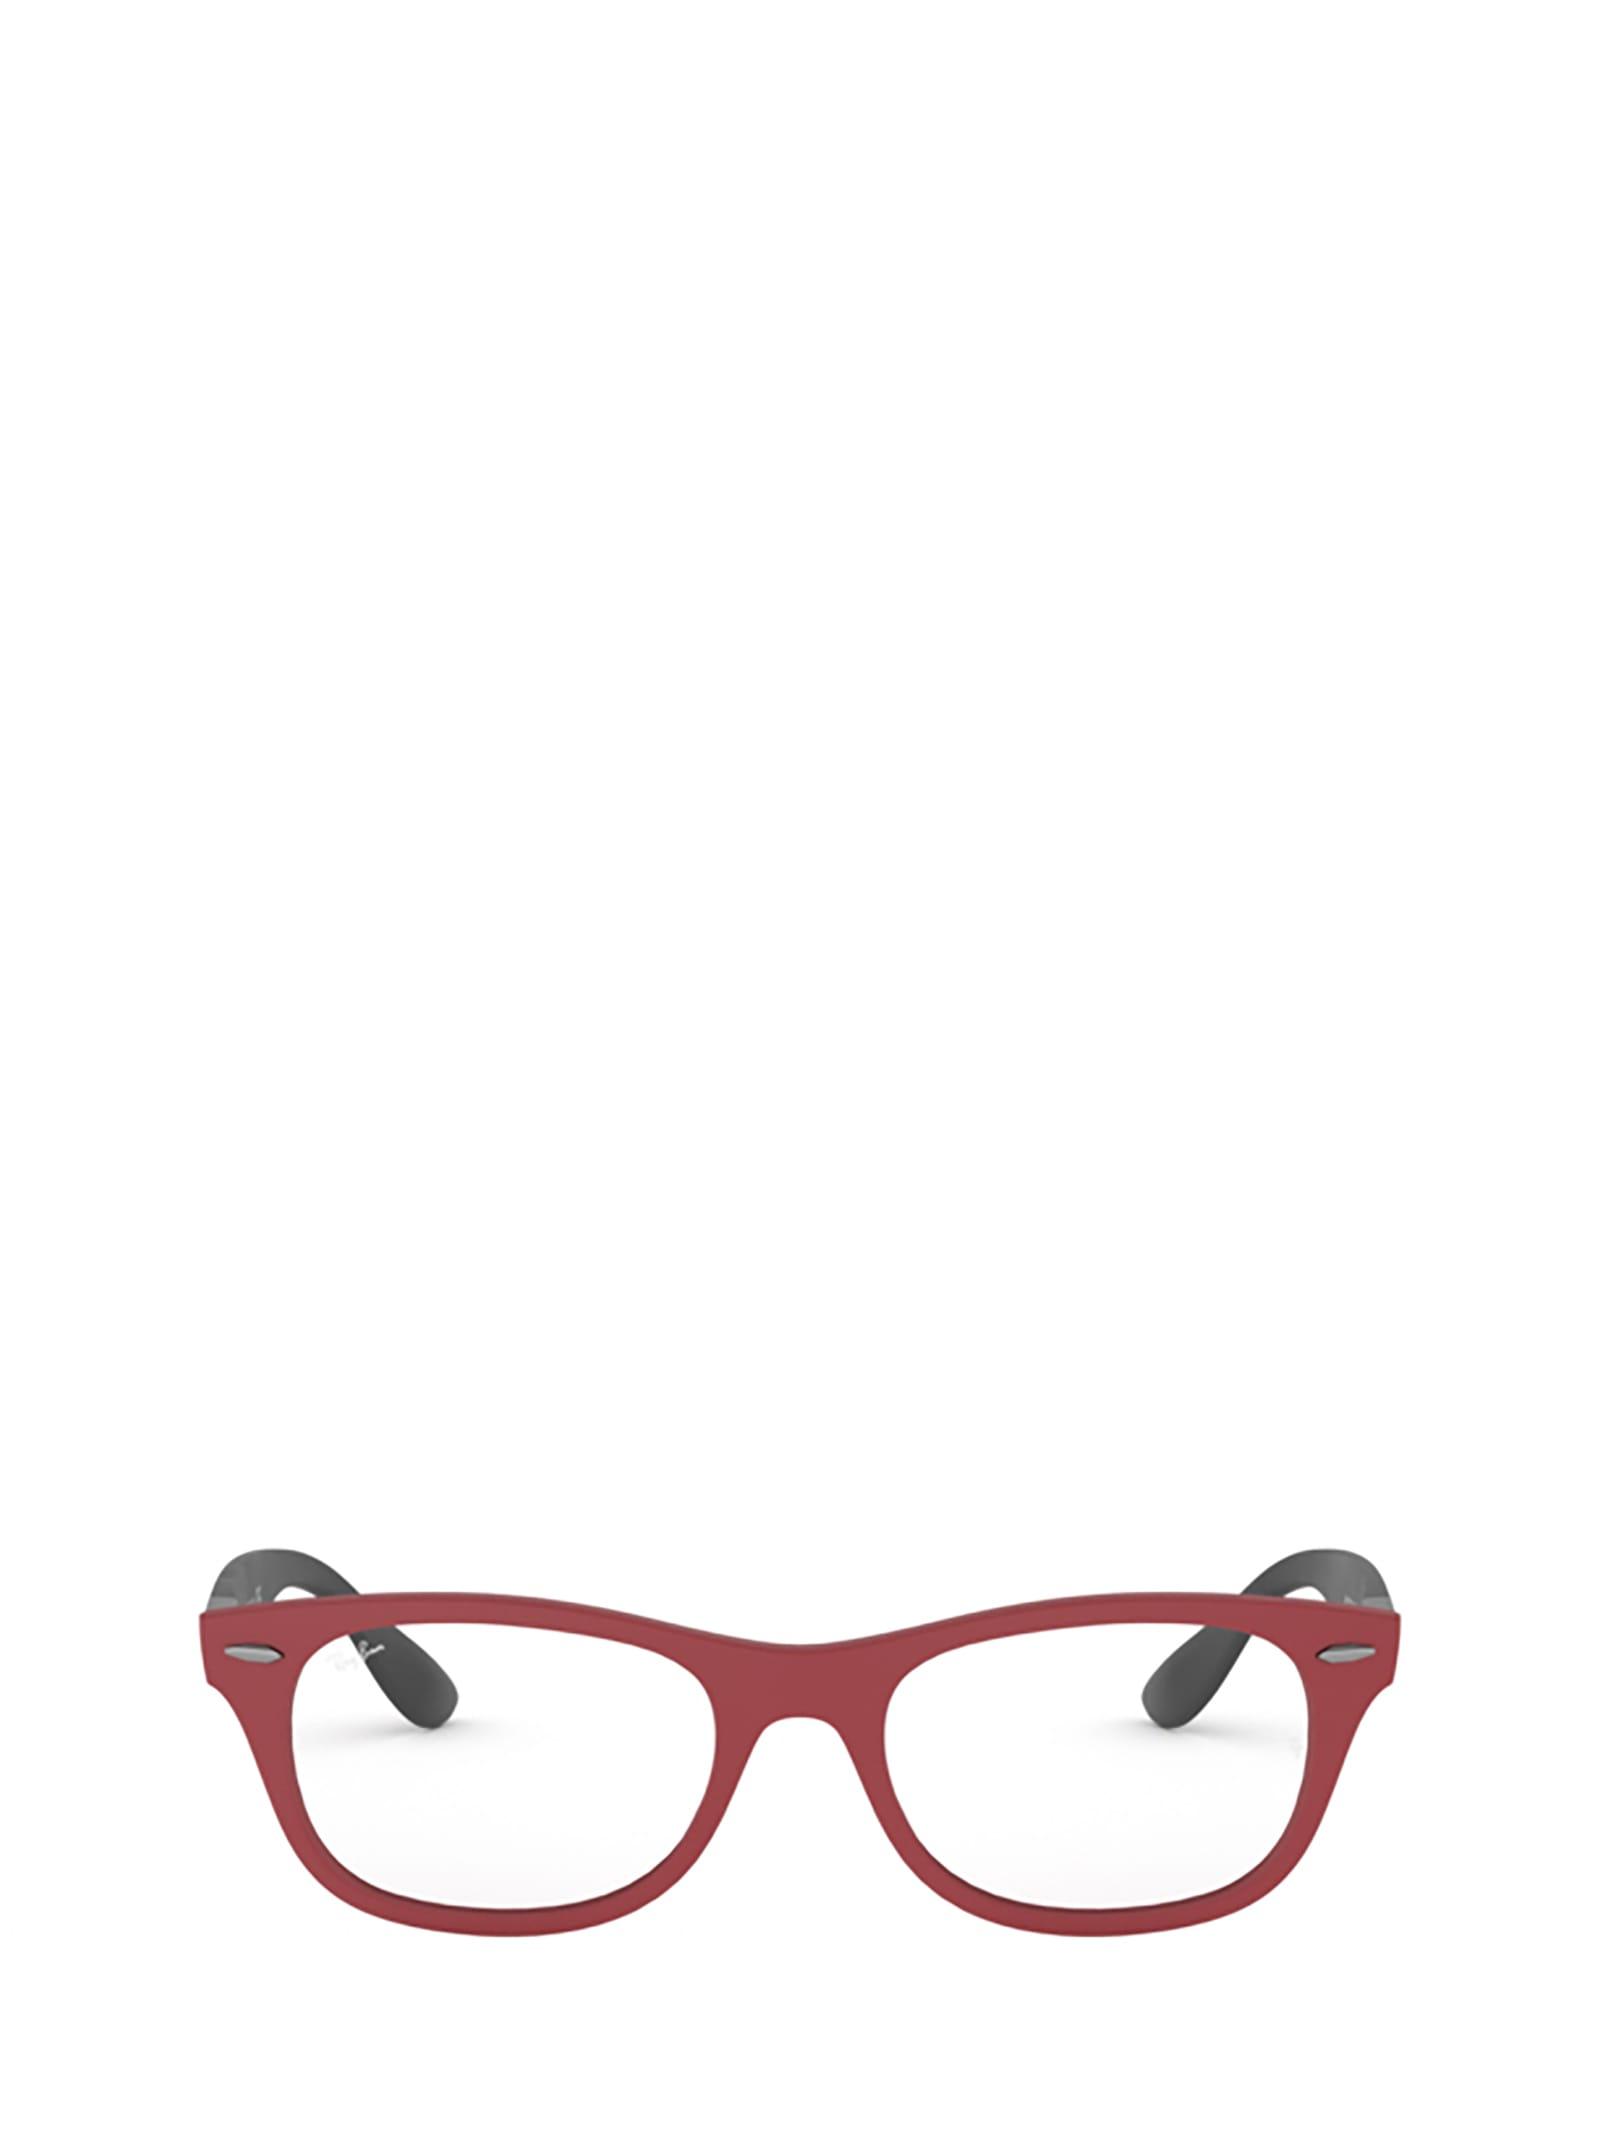 Ray-Ban Ray-ban Rx7032 5772 Glasses